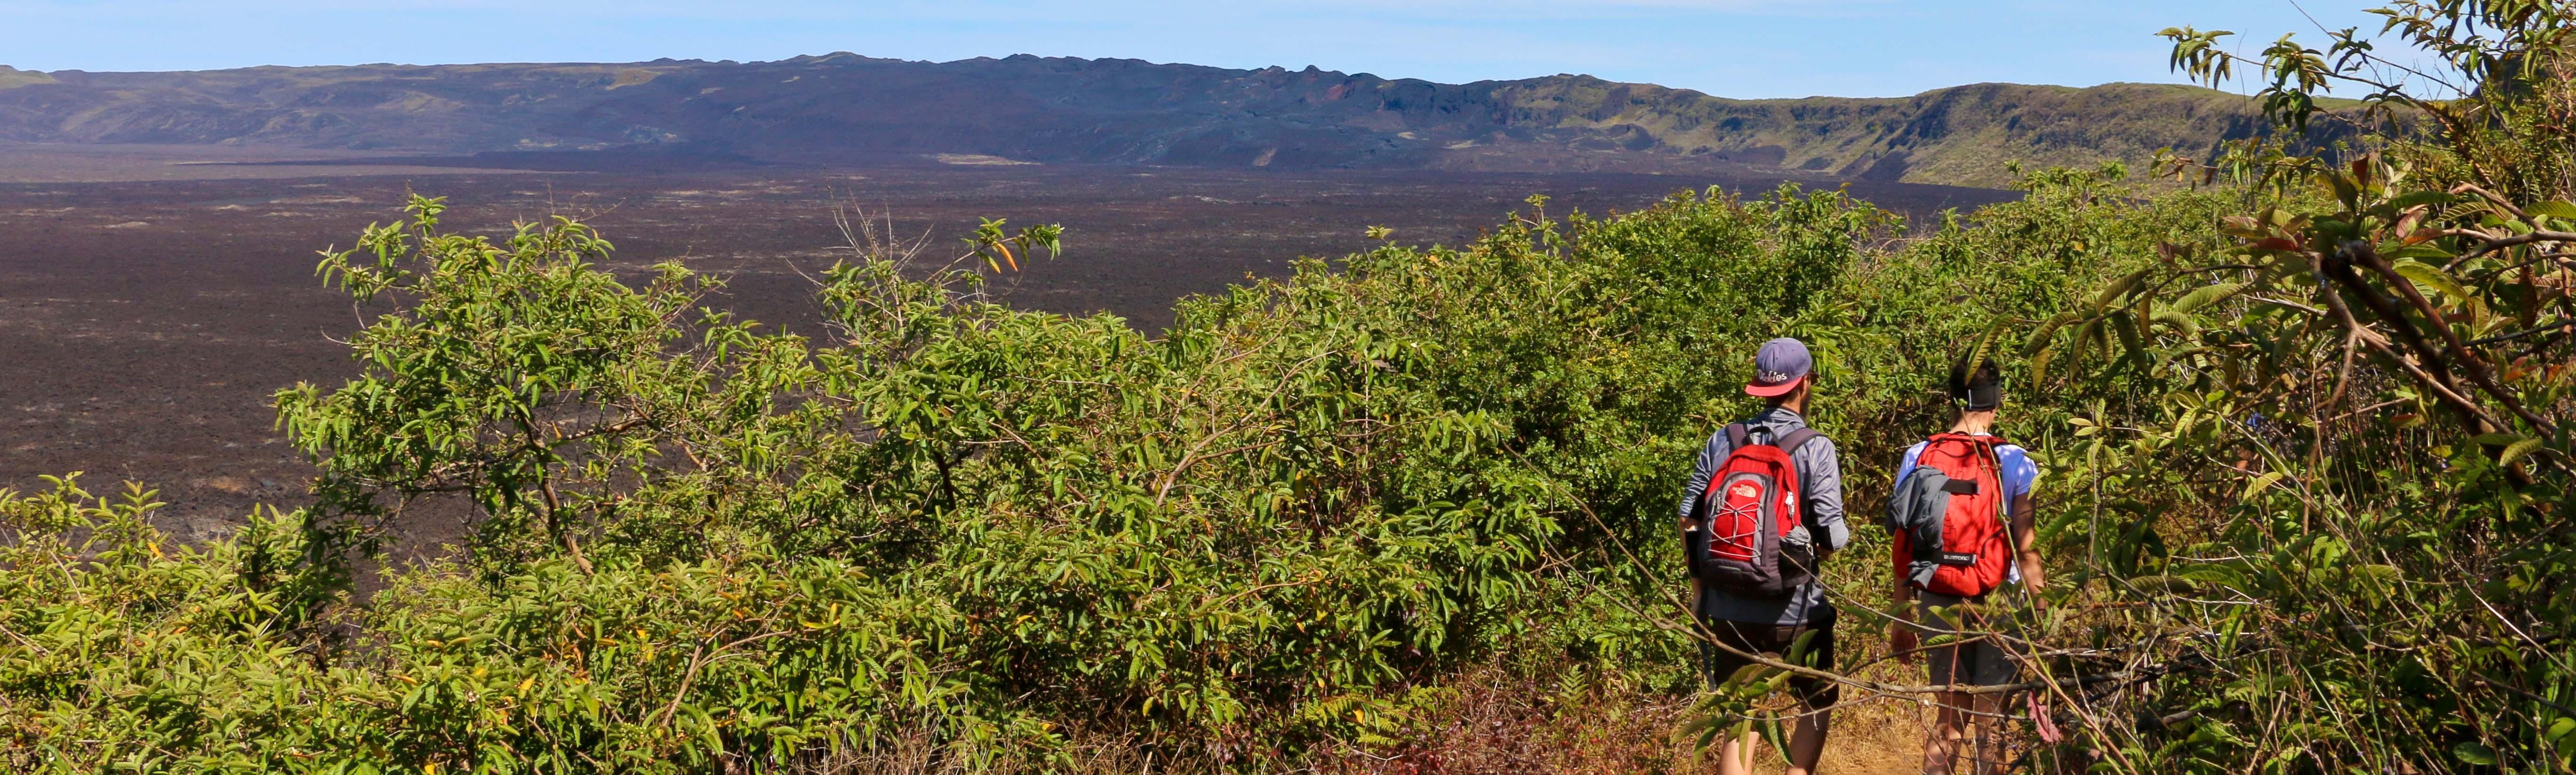 Ein gut ausgebauter Wanderweg führt dem Krater des Sierra Negra Vulkans entlang.